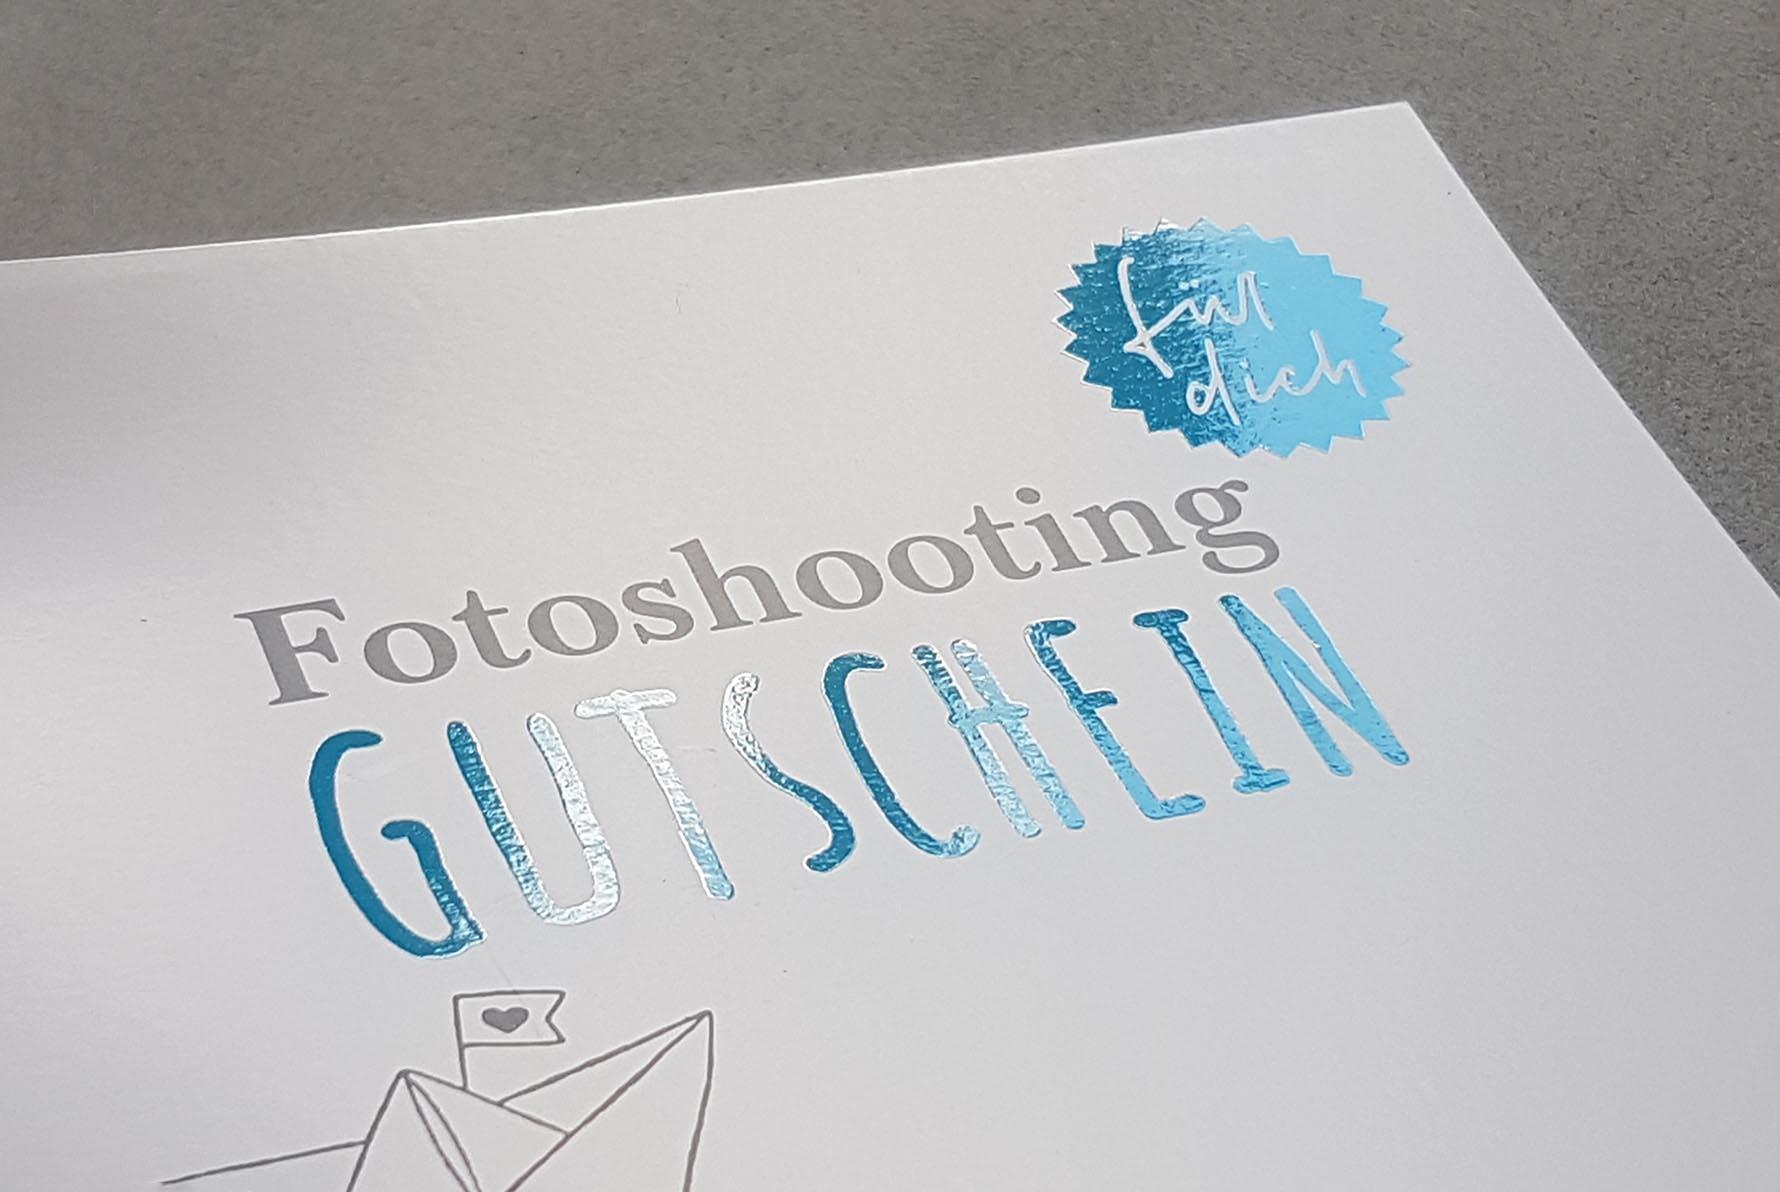 gutschein_fotoshooting_siegen_03